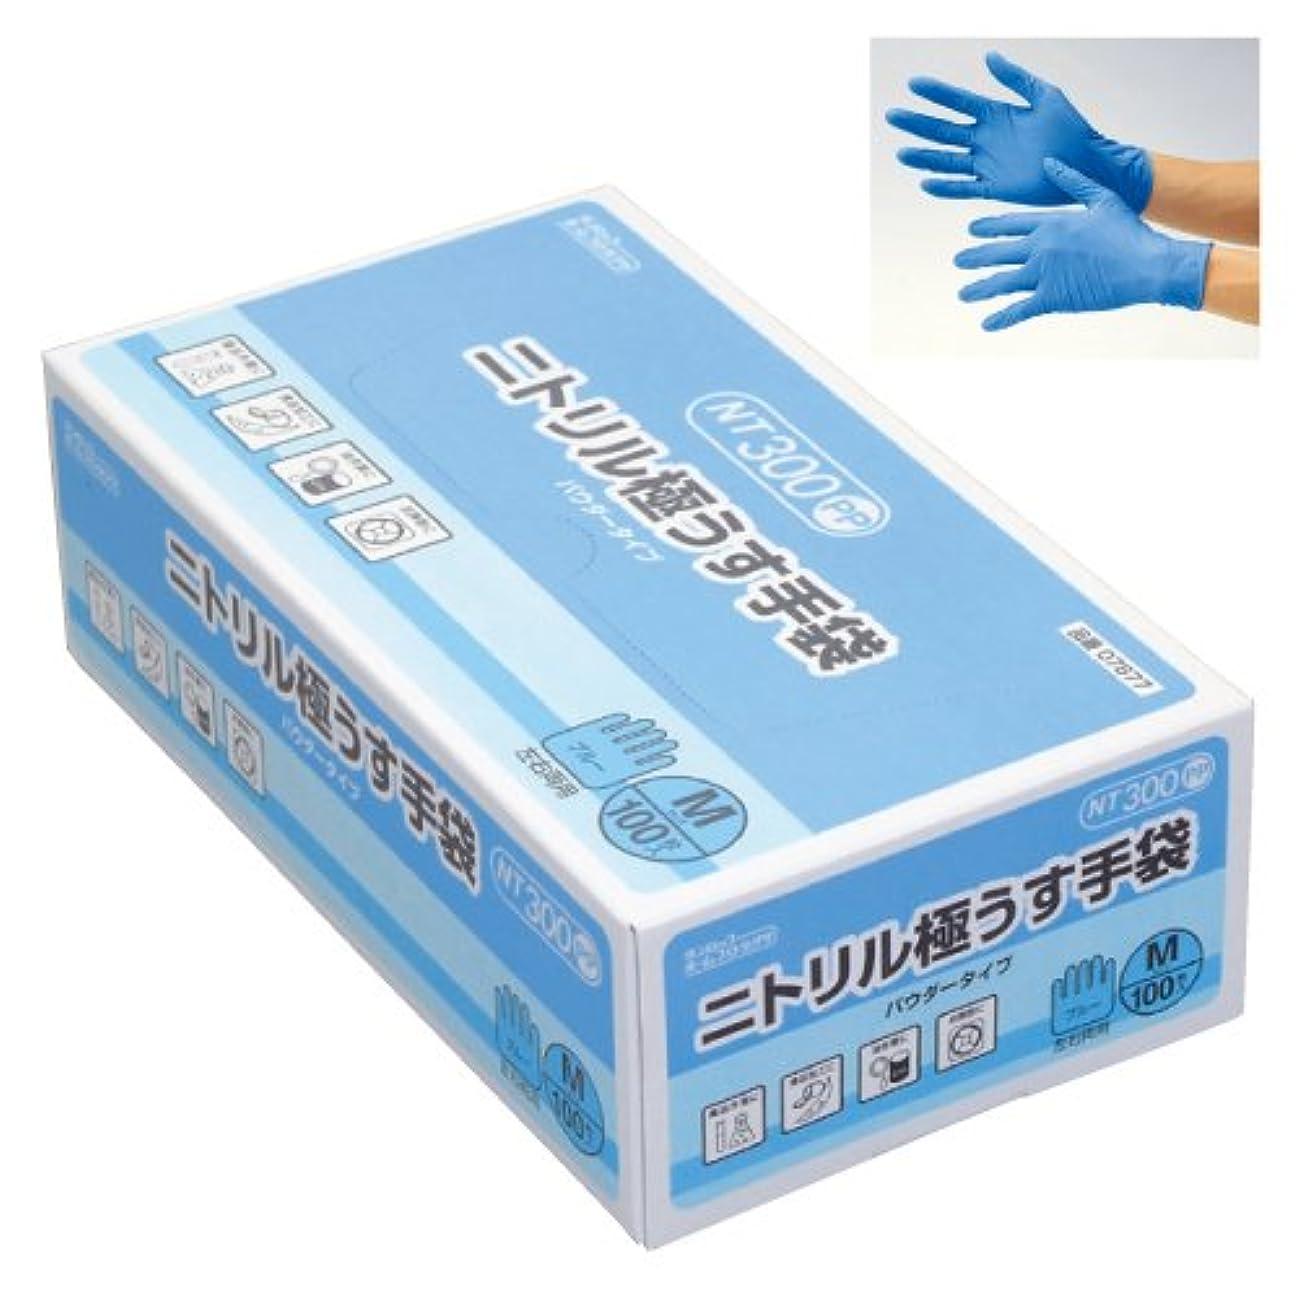 締めるそうでなければオフセットニトリル極うす手袋 NT300 (23-6073-04)